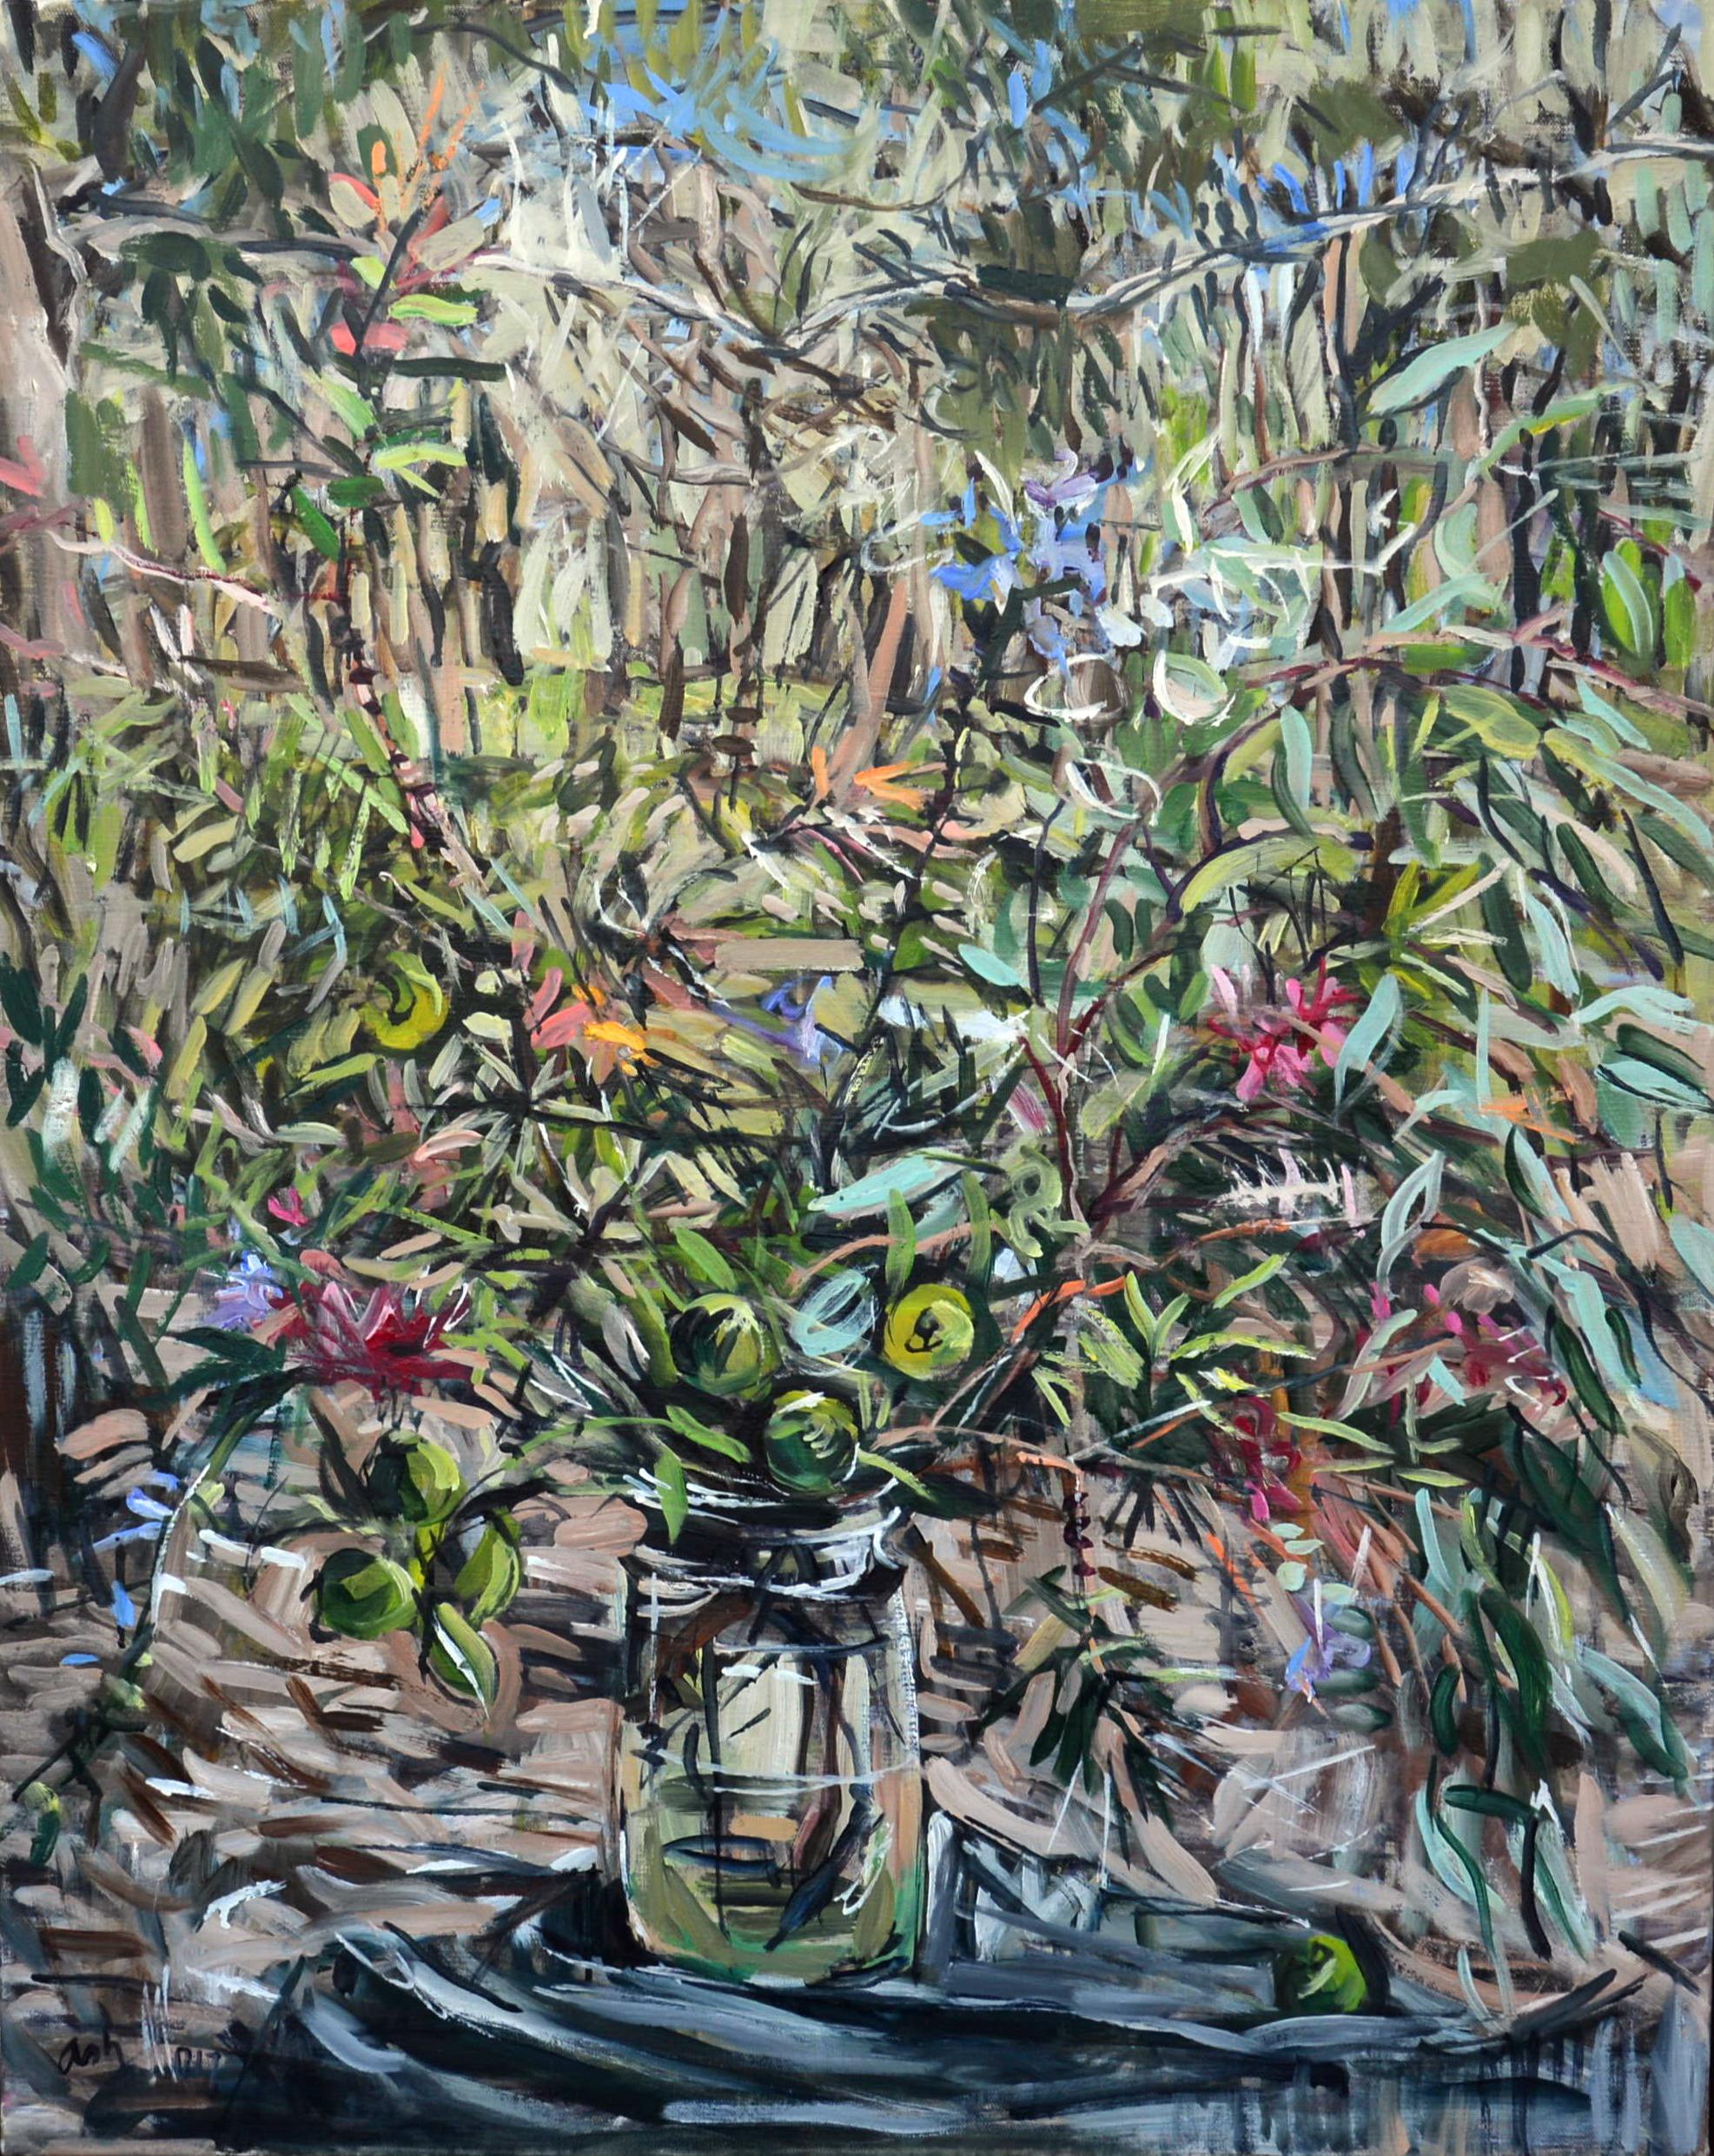 Bottle brush and bush lemon in the landscape , 2017, oil on linen, 100cm x 80cm